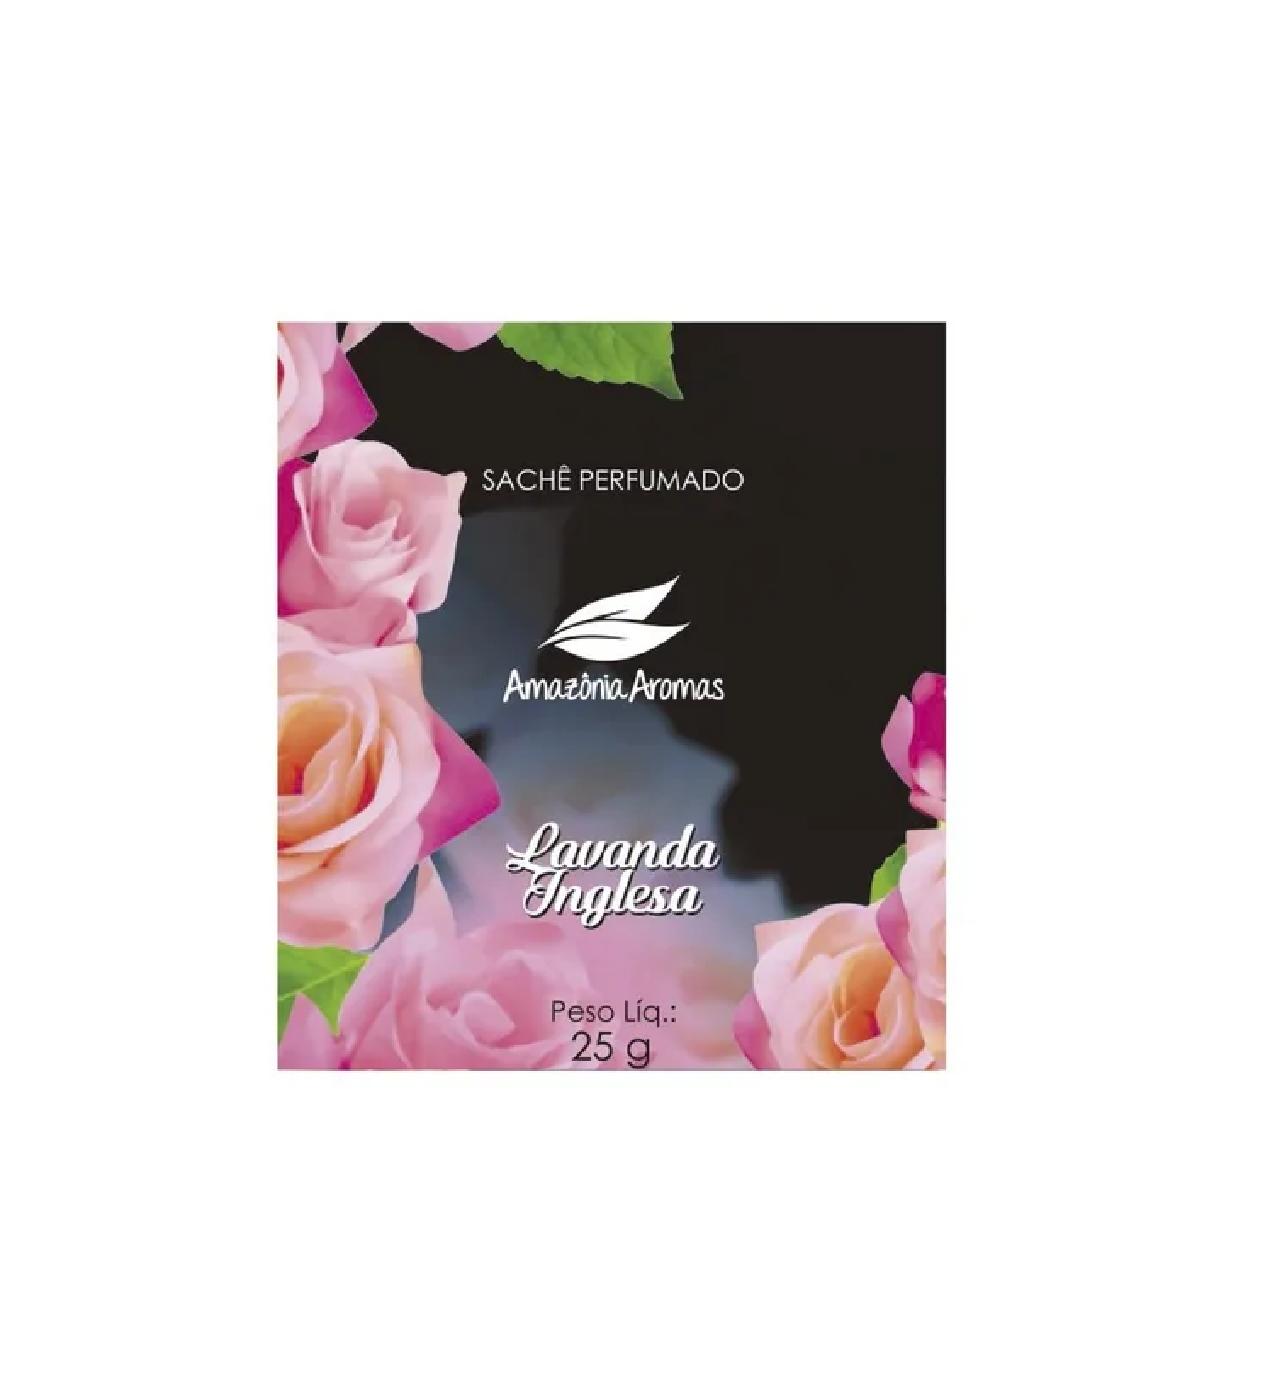 Sachê Perfumado 25 Gramas Amazônia Aromas